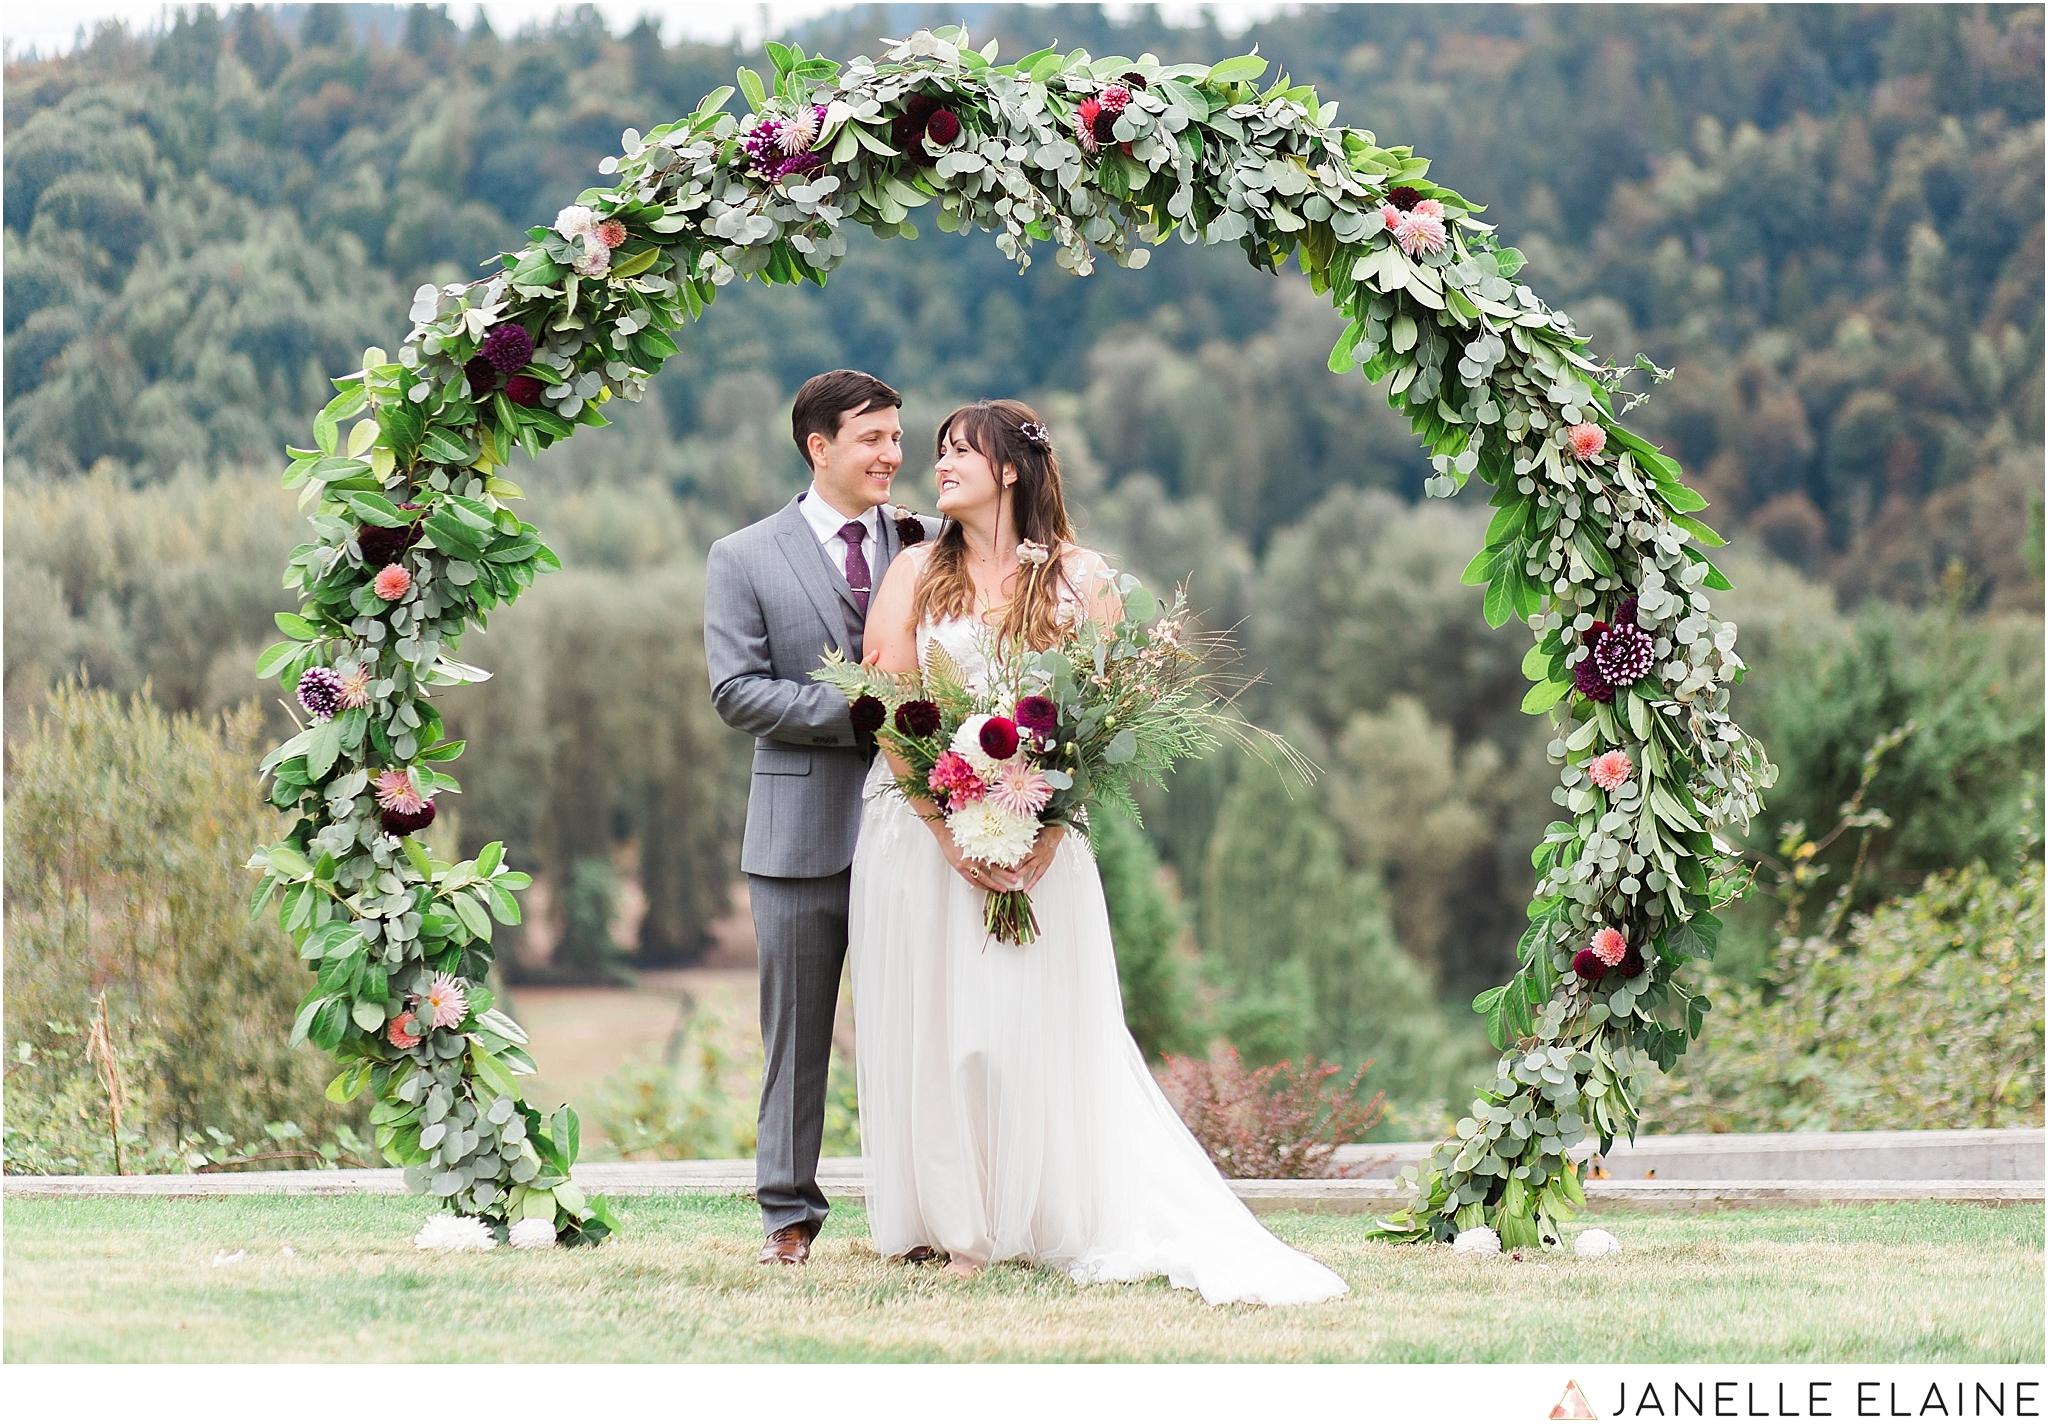 seattle-portrait-engagement-wedding-photographer-janelle-elaine-photography-35.jpg